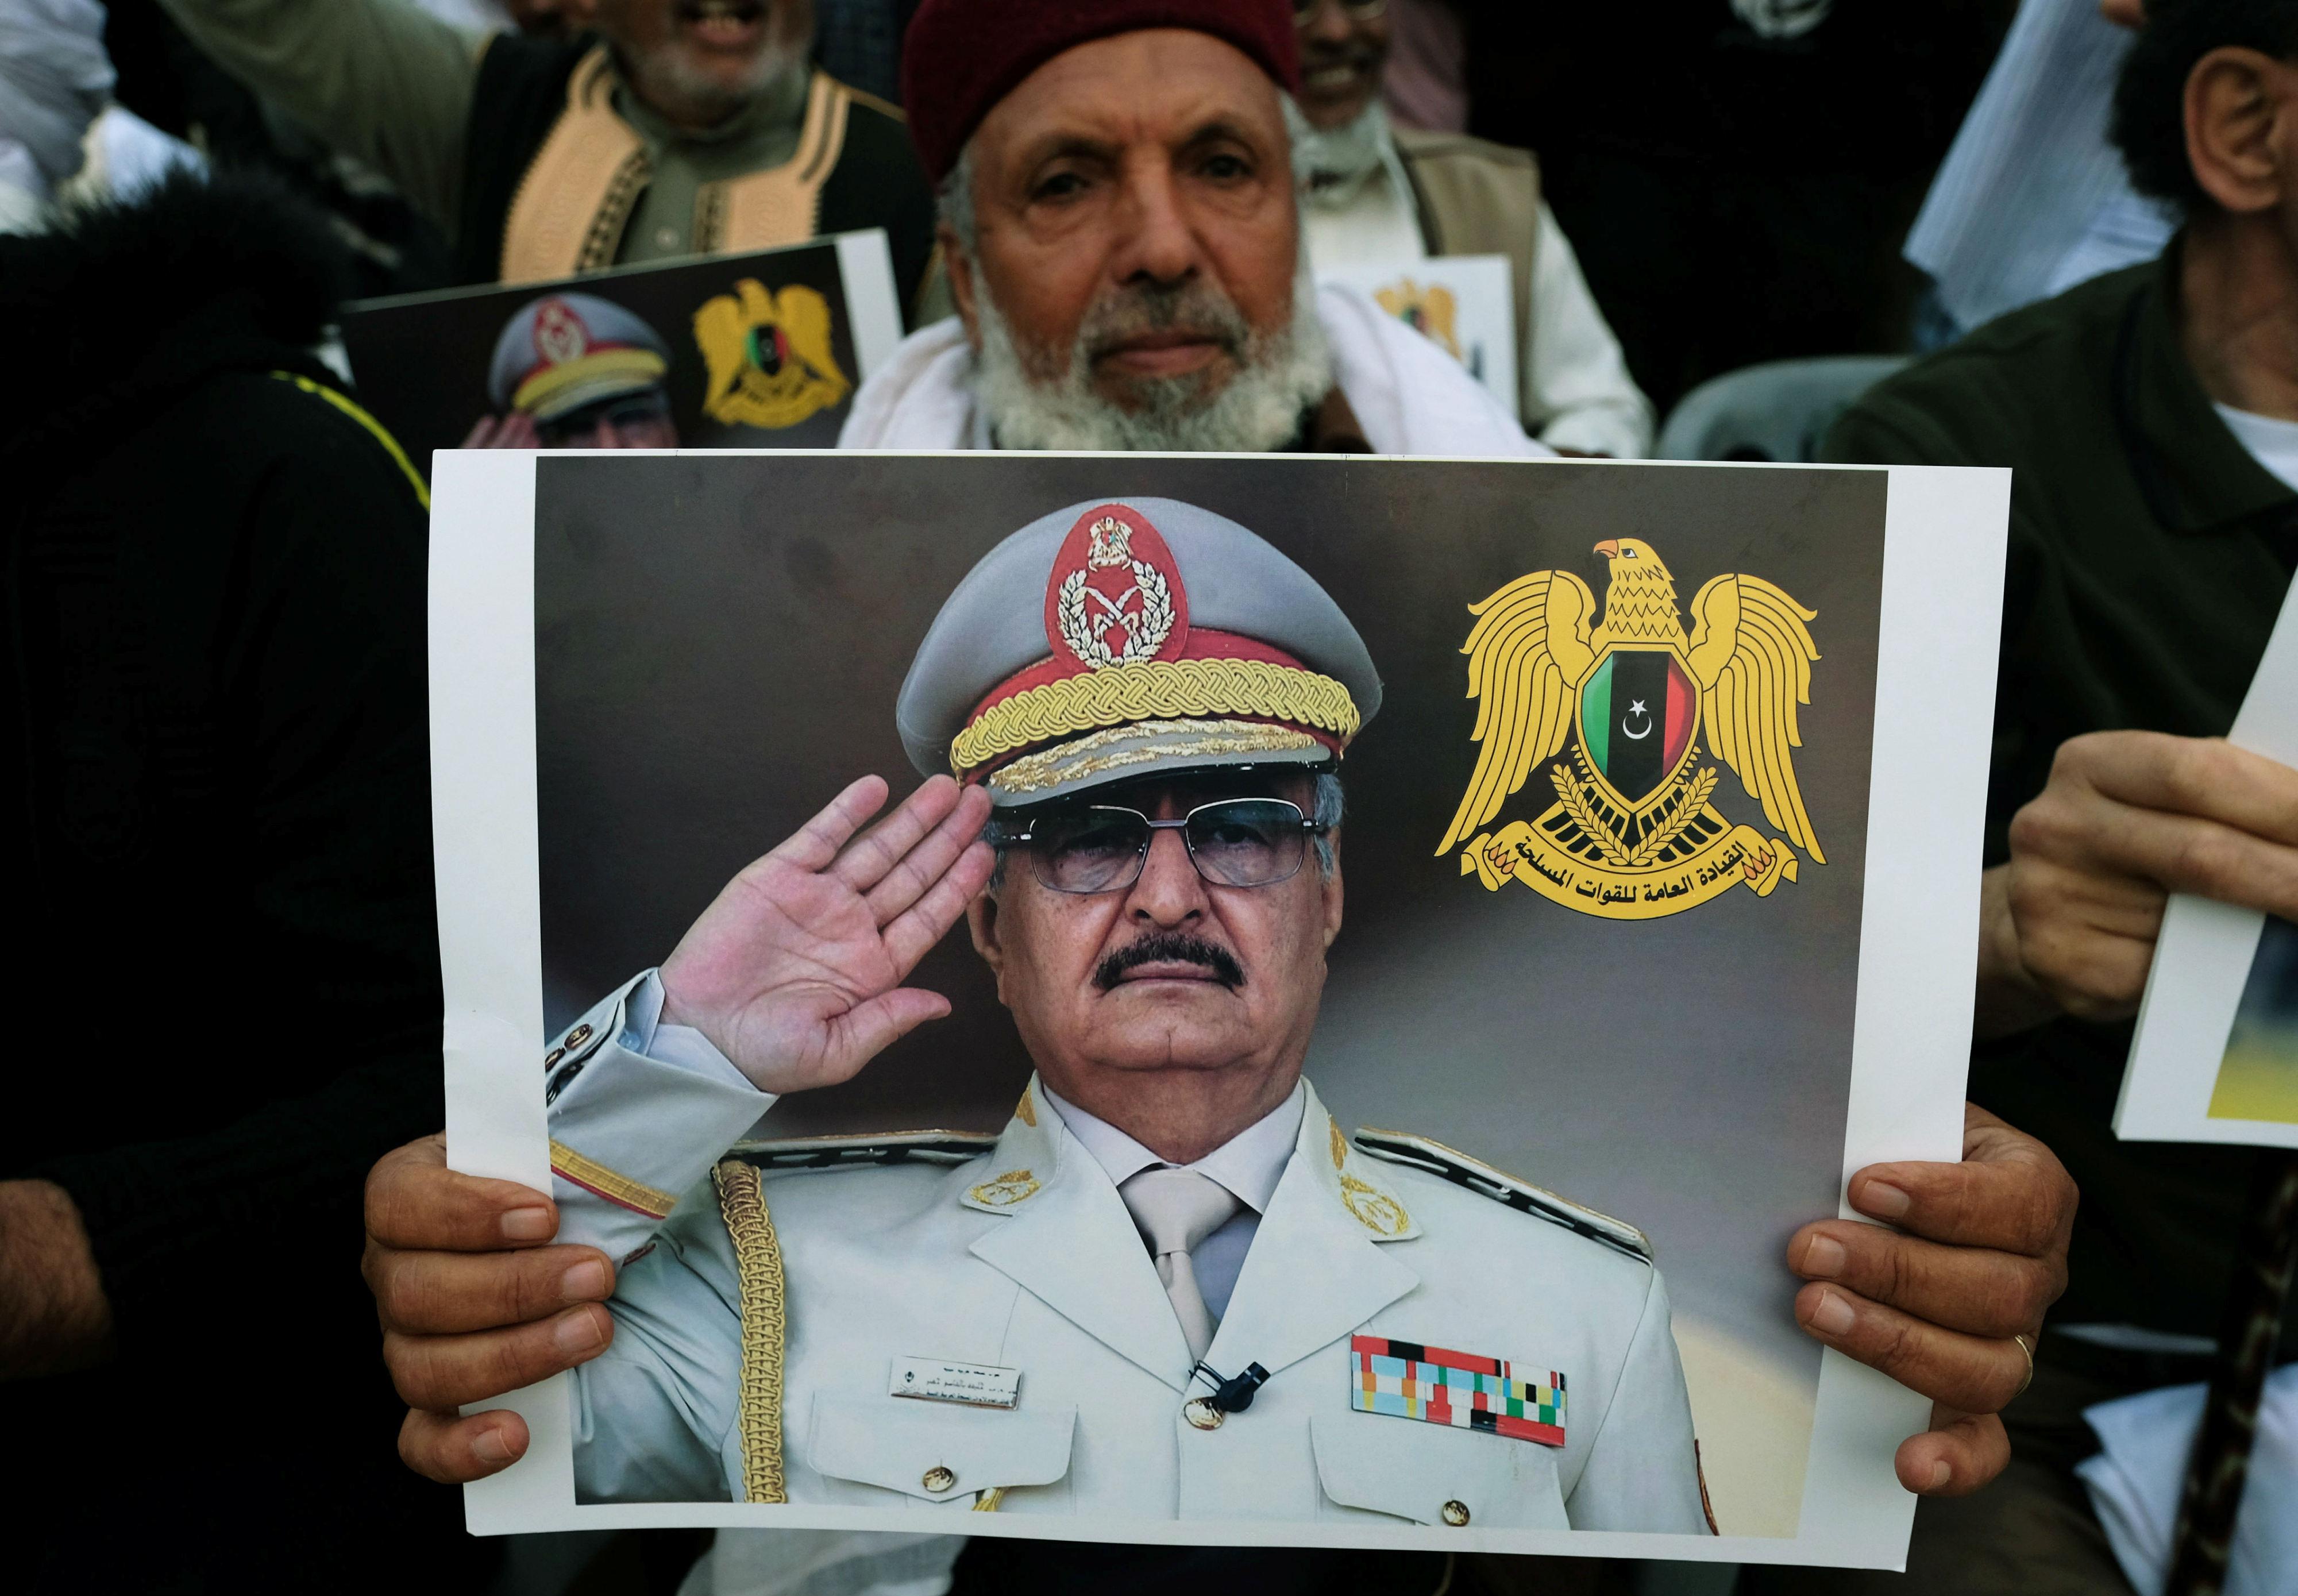 Un Libyen dépeint Khalifa Haftar lors d'une manifestation pour soutenir l'offensive de l'armée nationale libyenne contre Tripoli à Benghazi (Reuters)